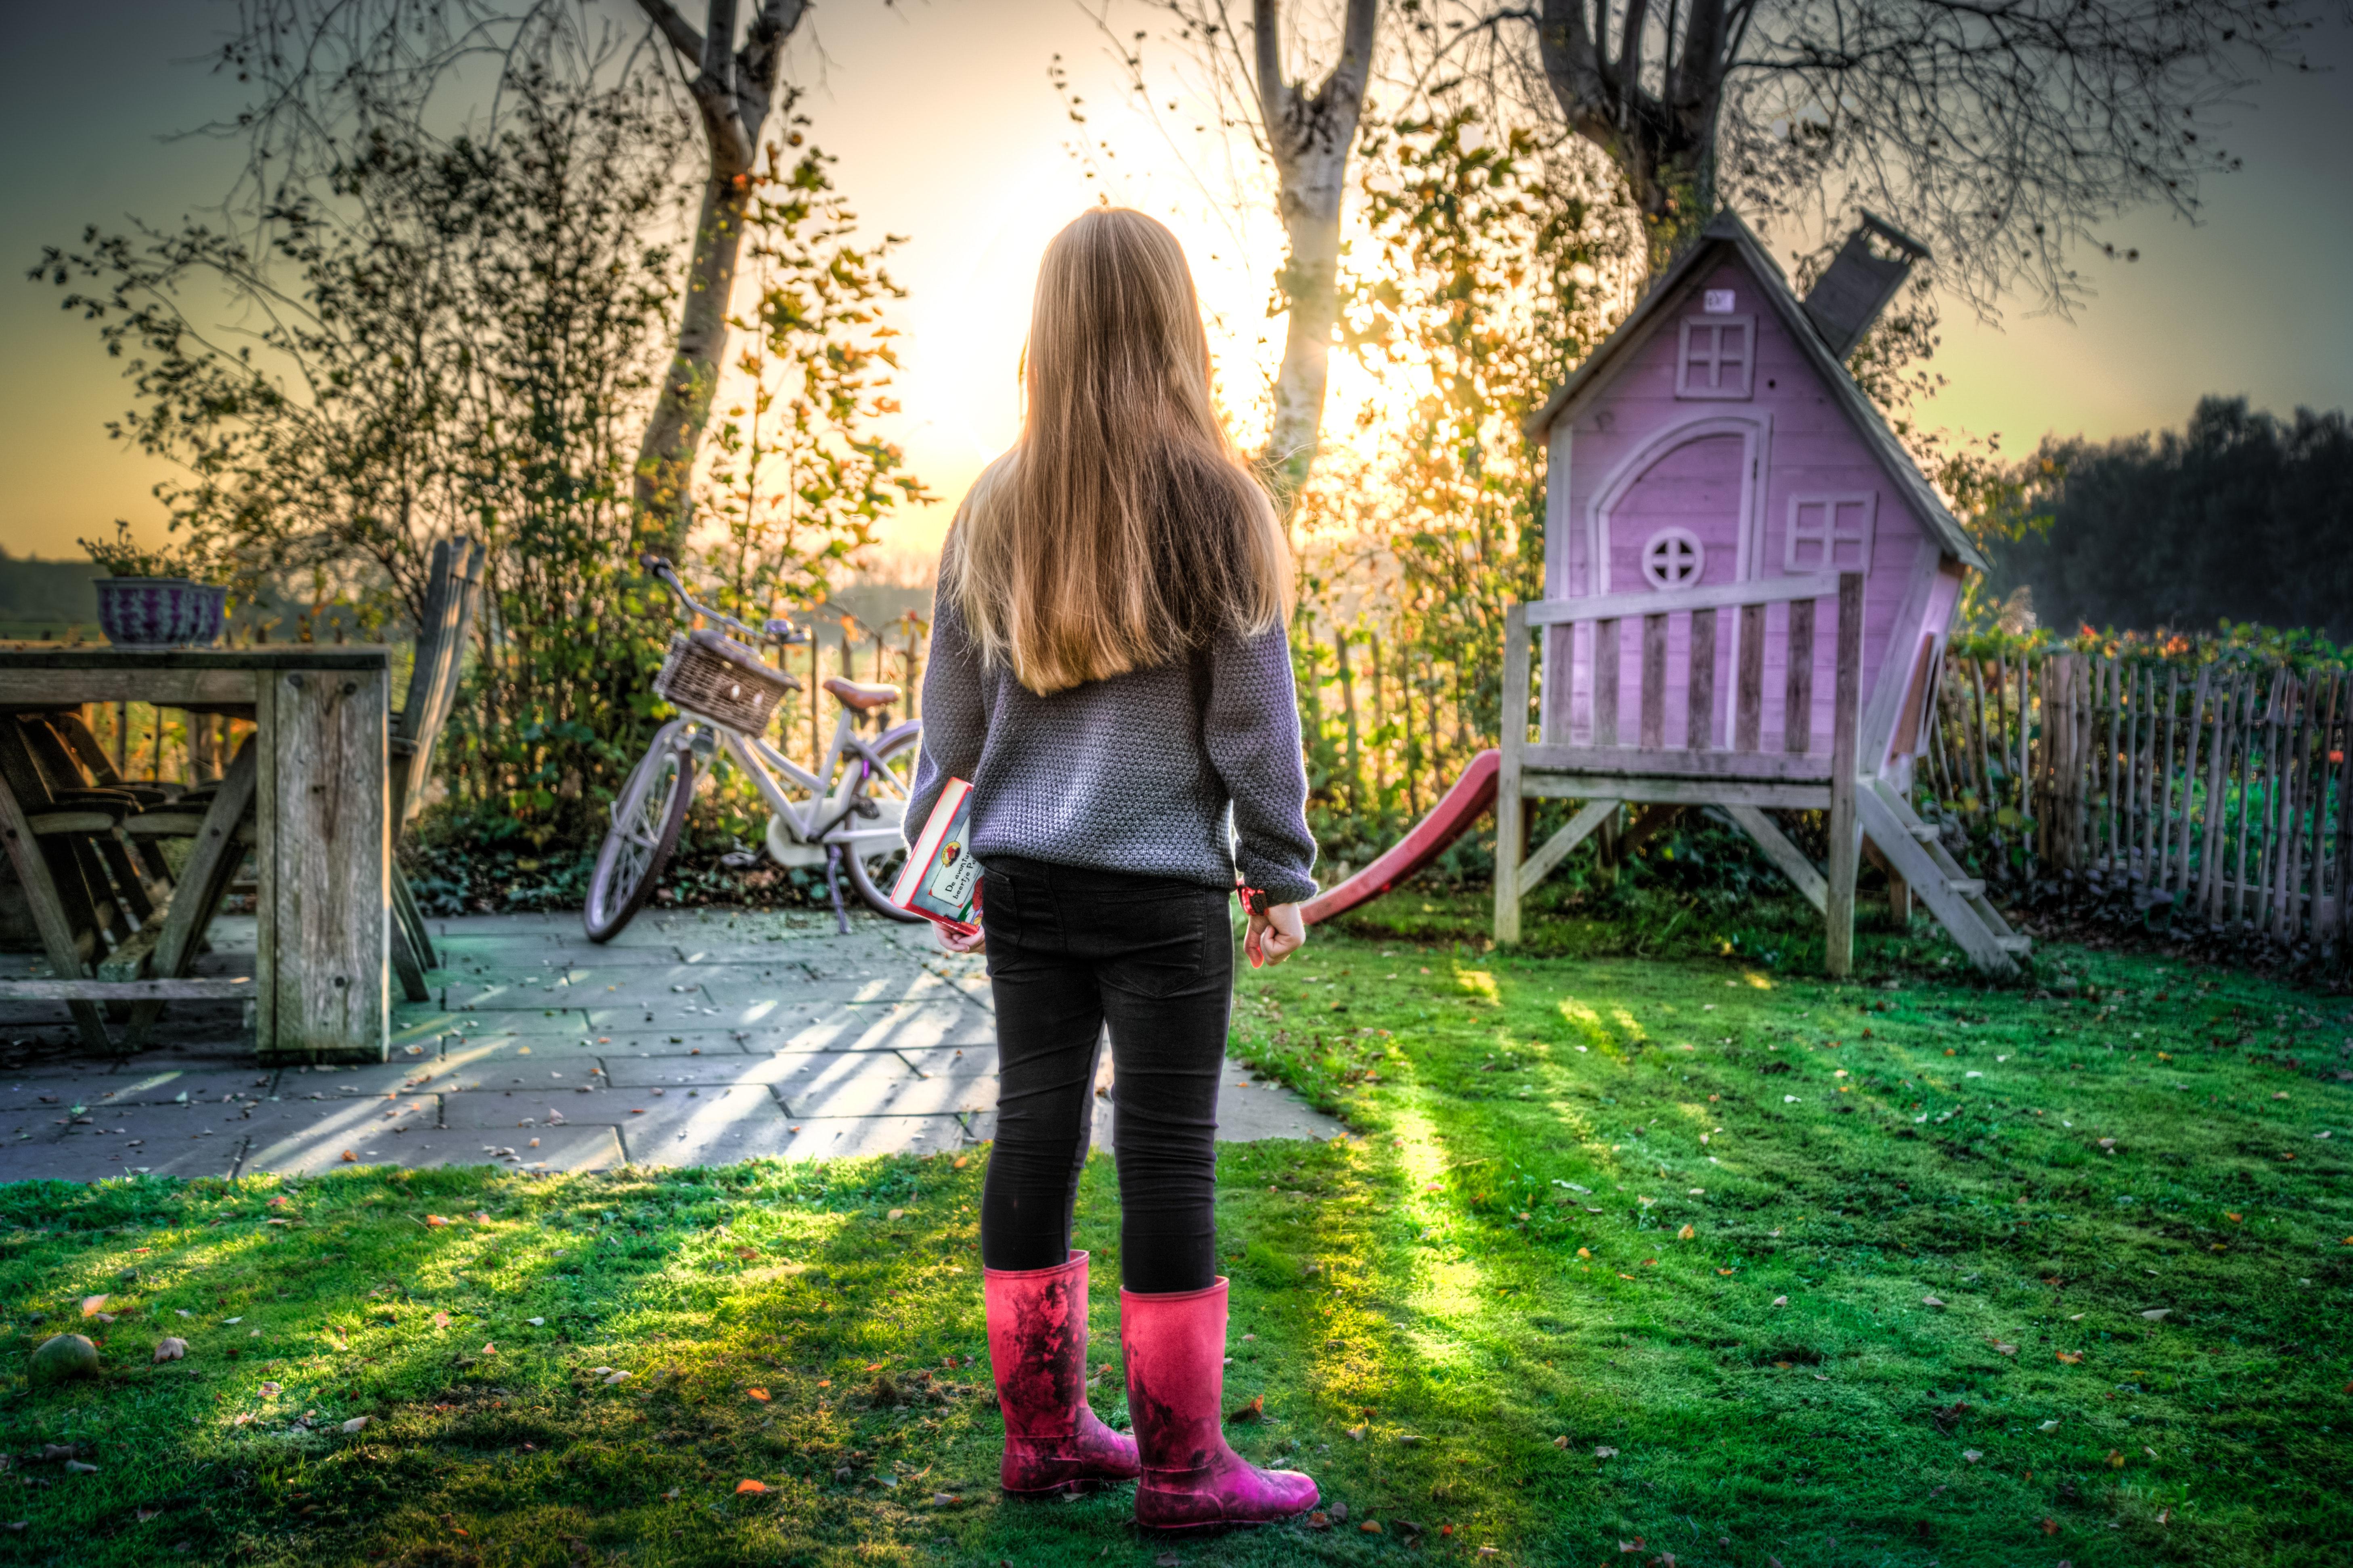 Kostenloses Stock Foto Zu Landschaft, Natur, Person, Mädchen